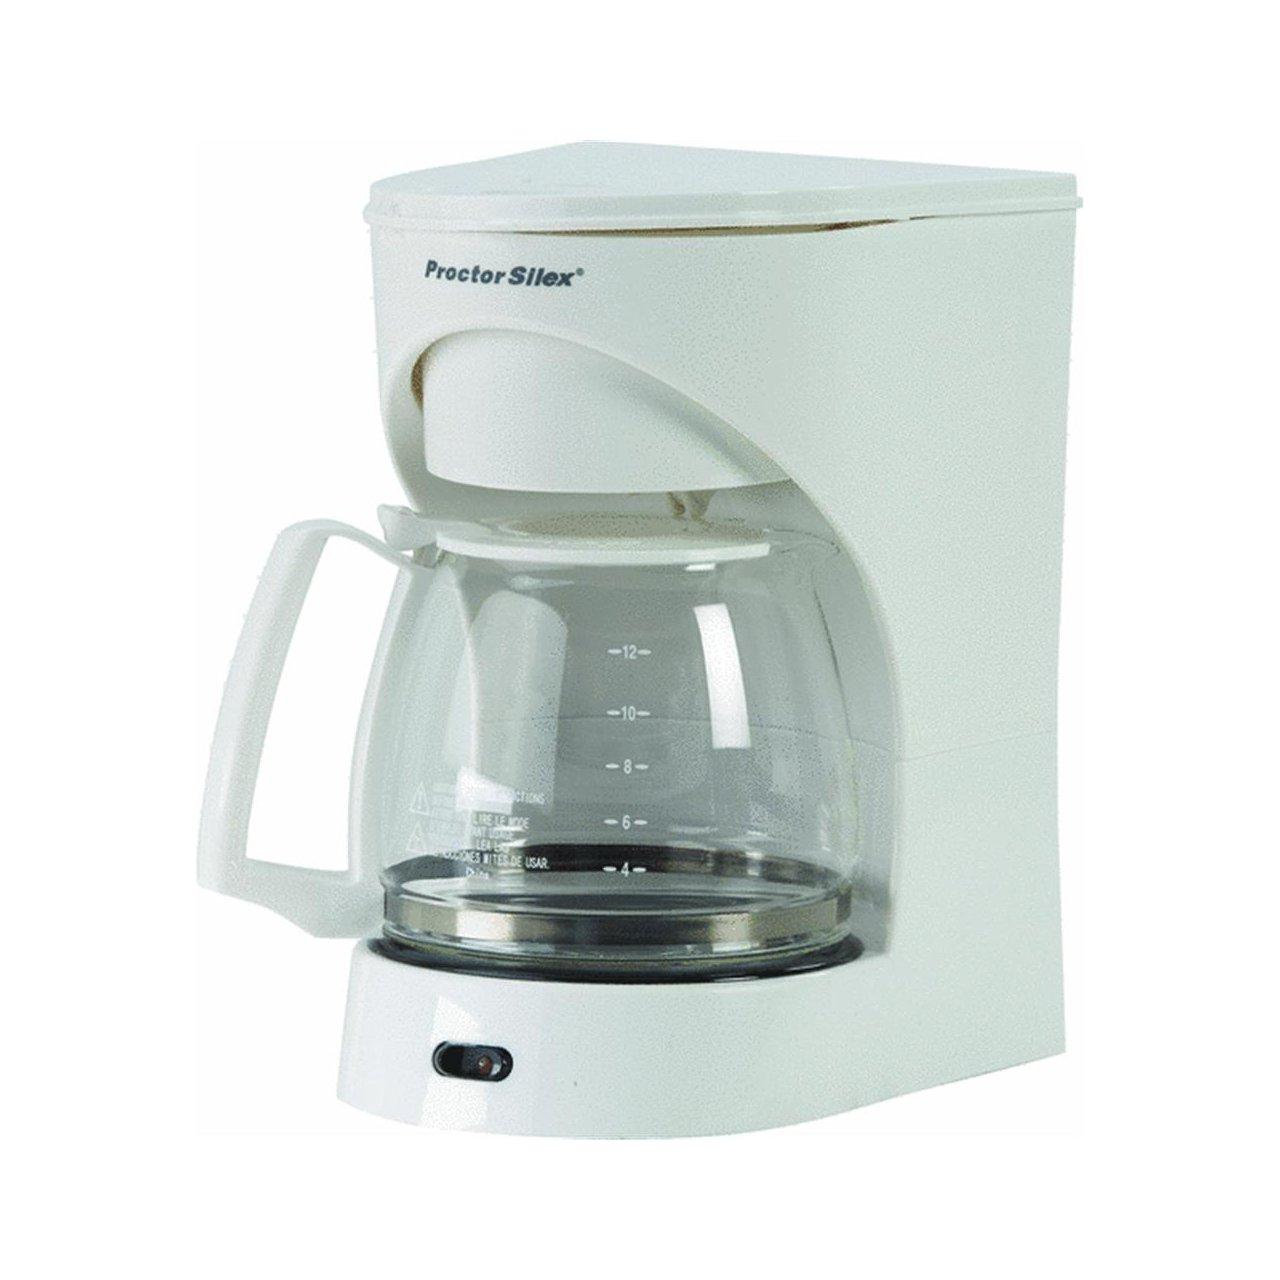 Proctor Silex 43501 12カップコーヒーメーカーホワイト   B000LSWHLQ